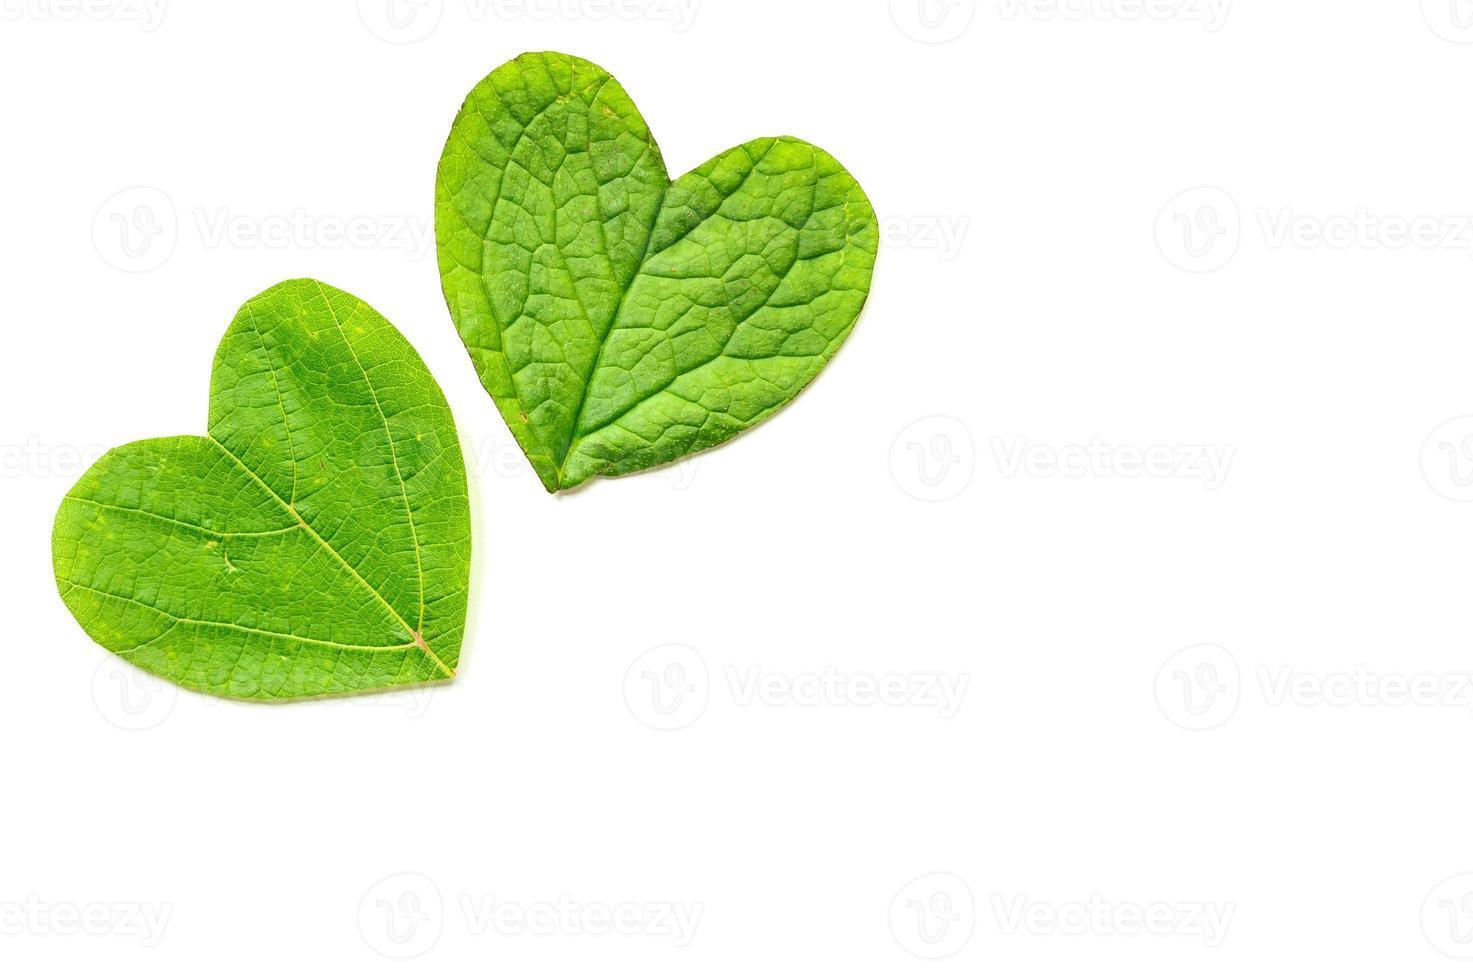 st. La Saint-Valentin. le coeur est coupé du feuillage sur fond blanc photo